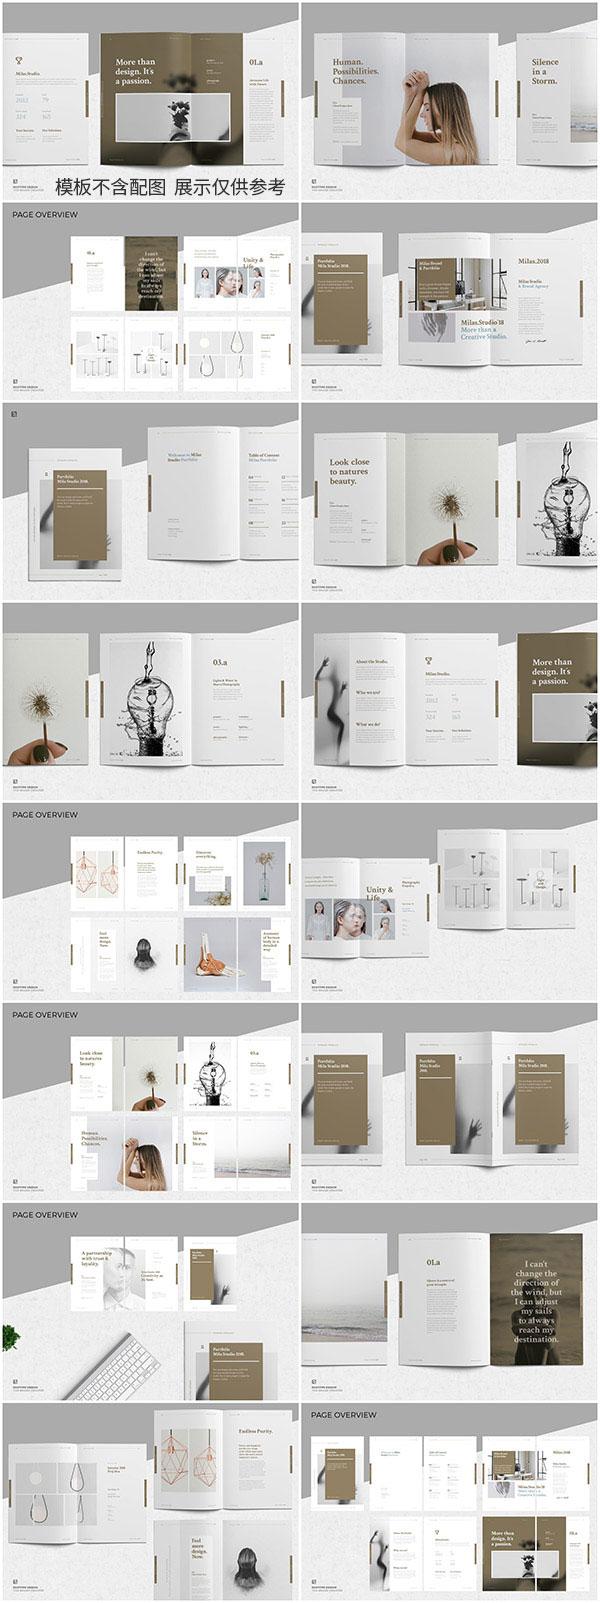 时尚品牌手册模板